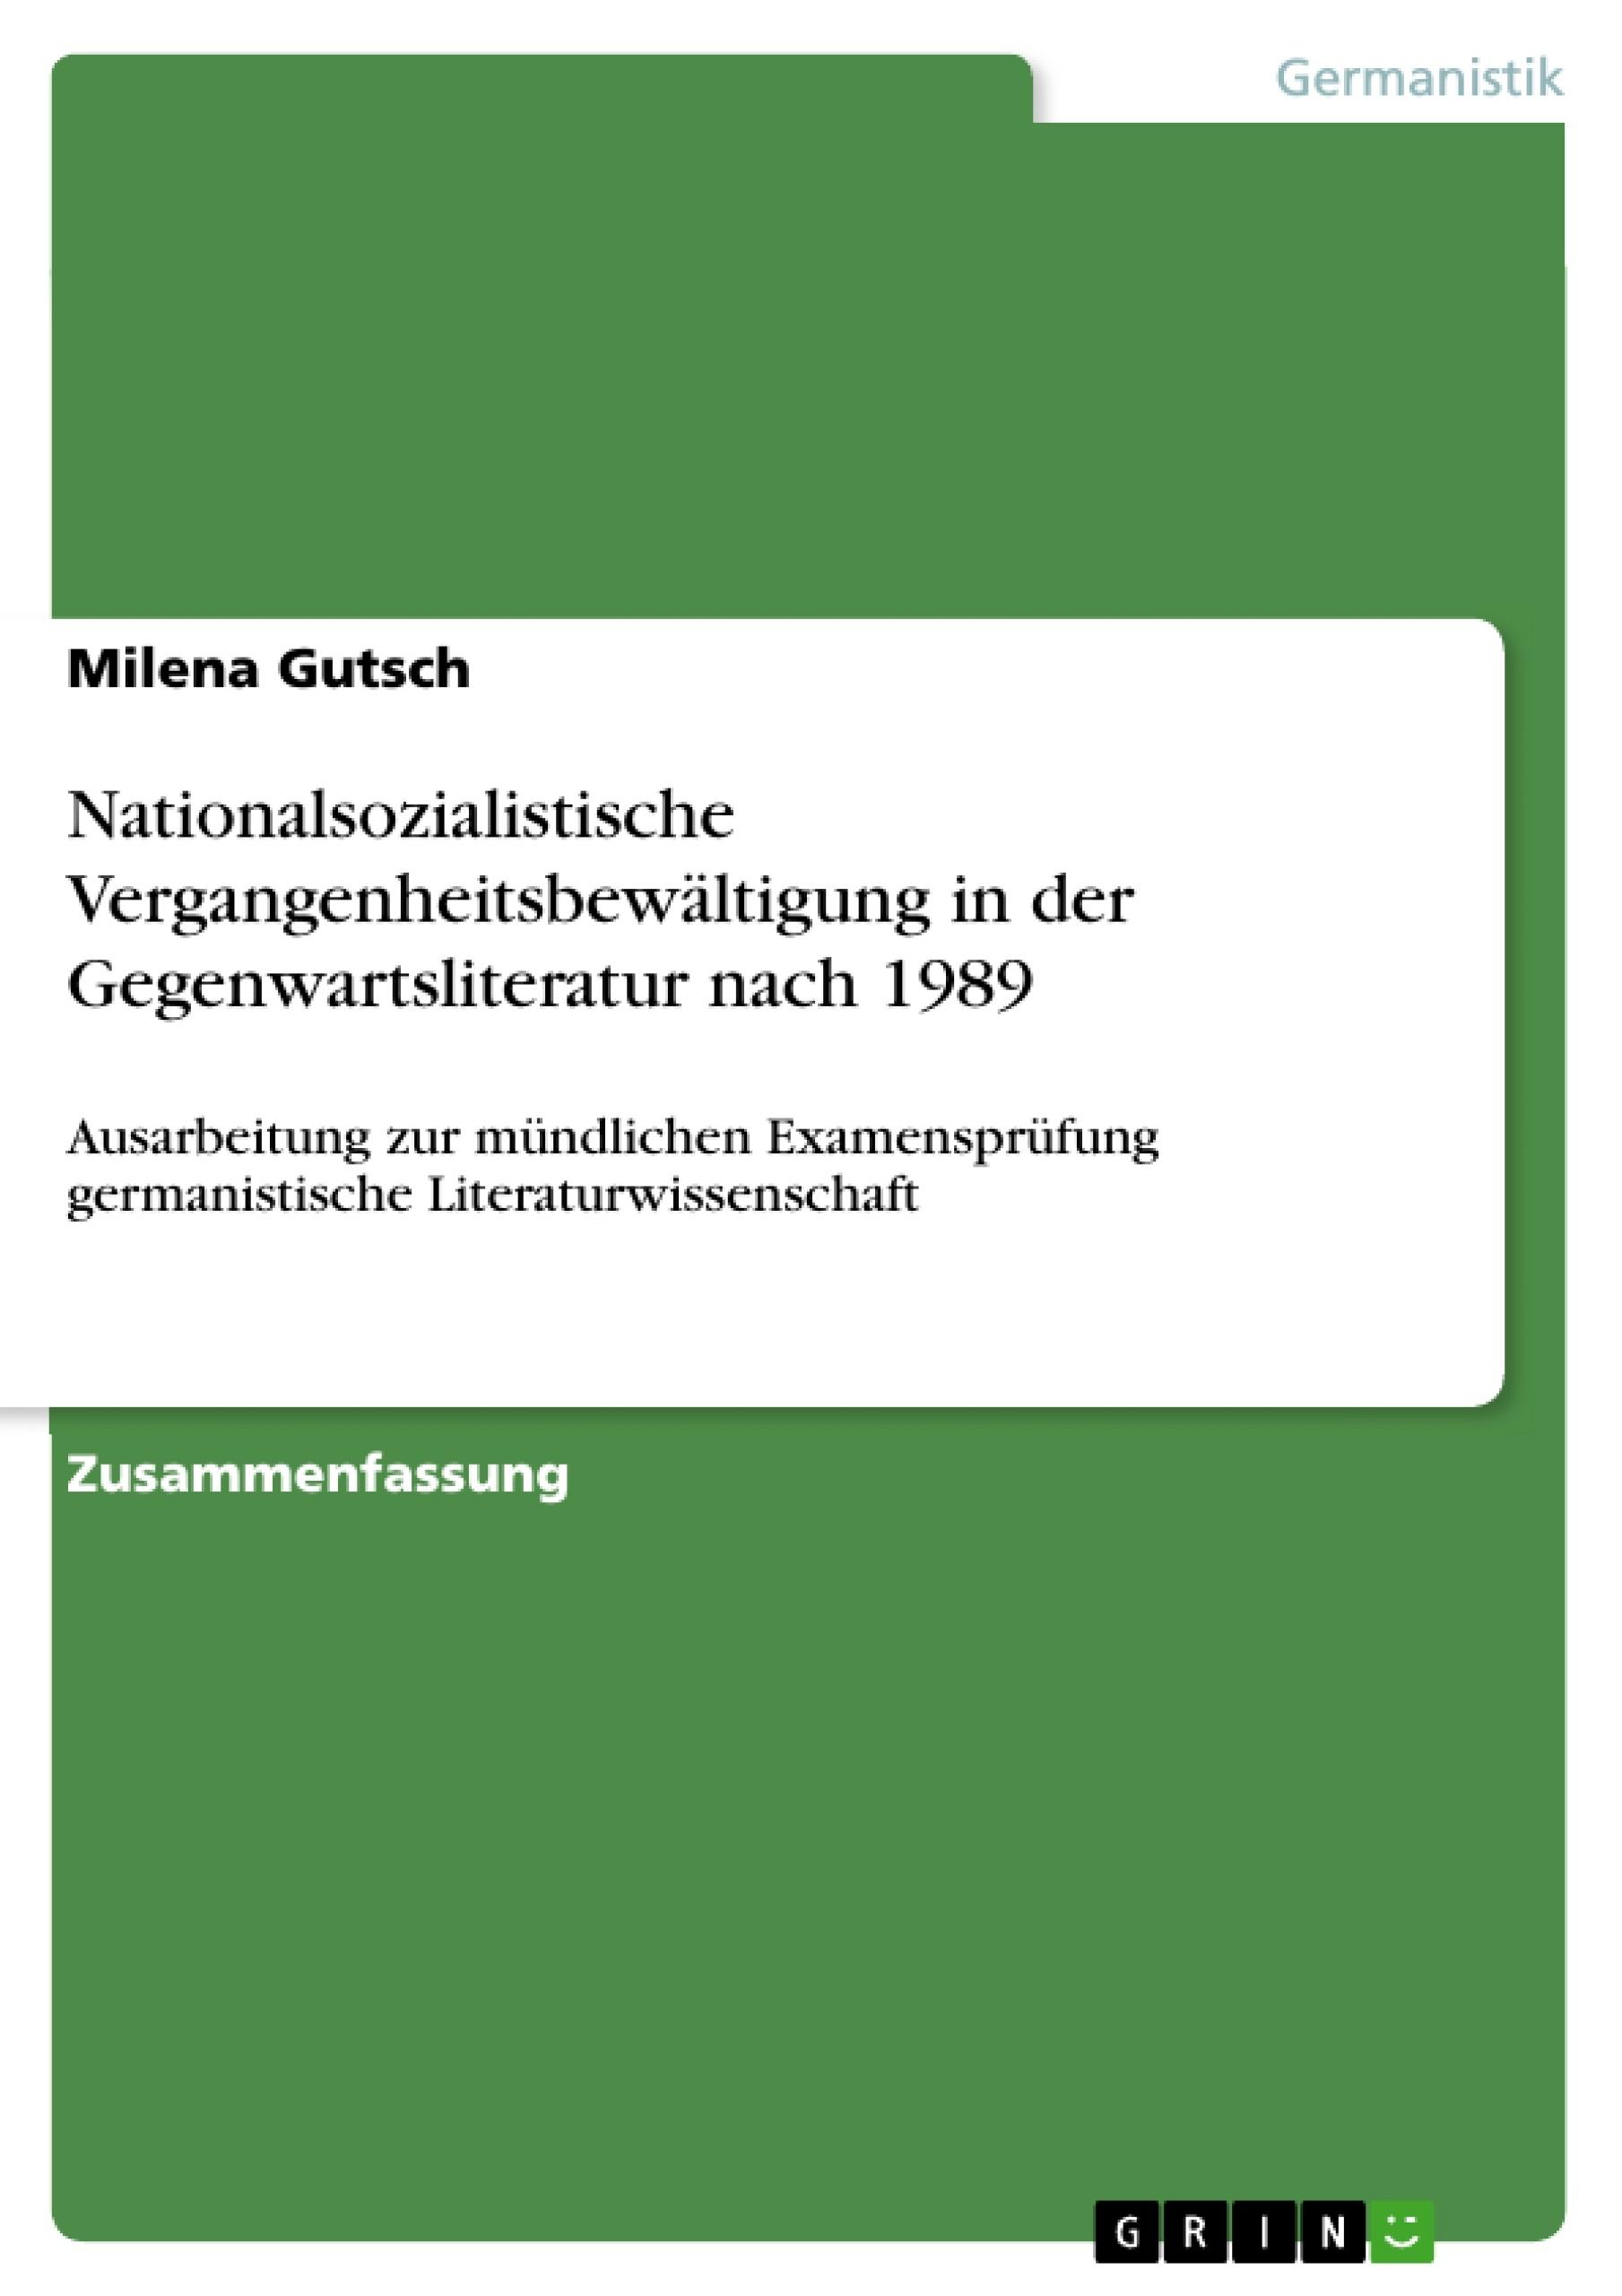 Titel: Nationalsozialistische Vergangenheitsbewältigung in der Gegenwartsliteratur nach 1989